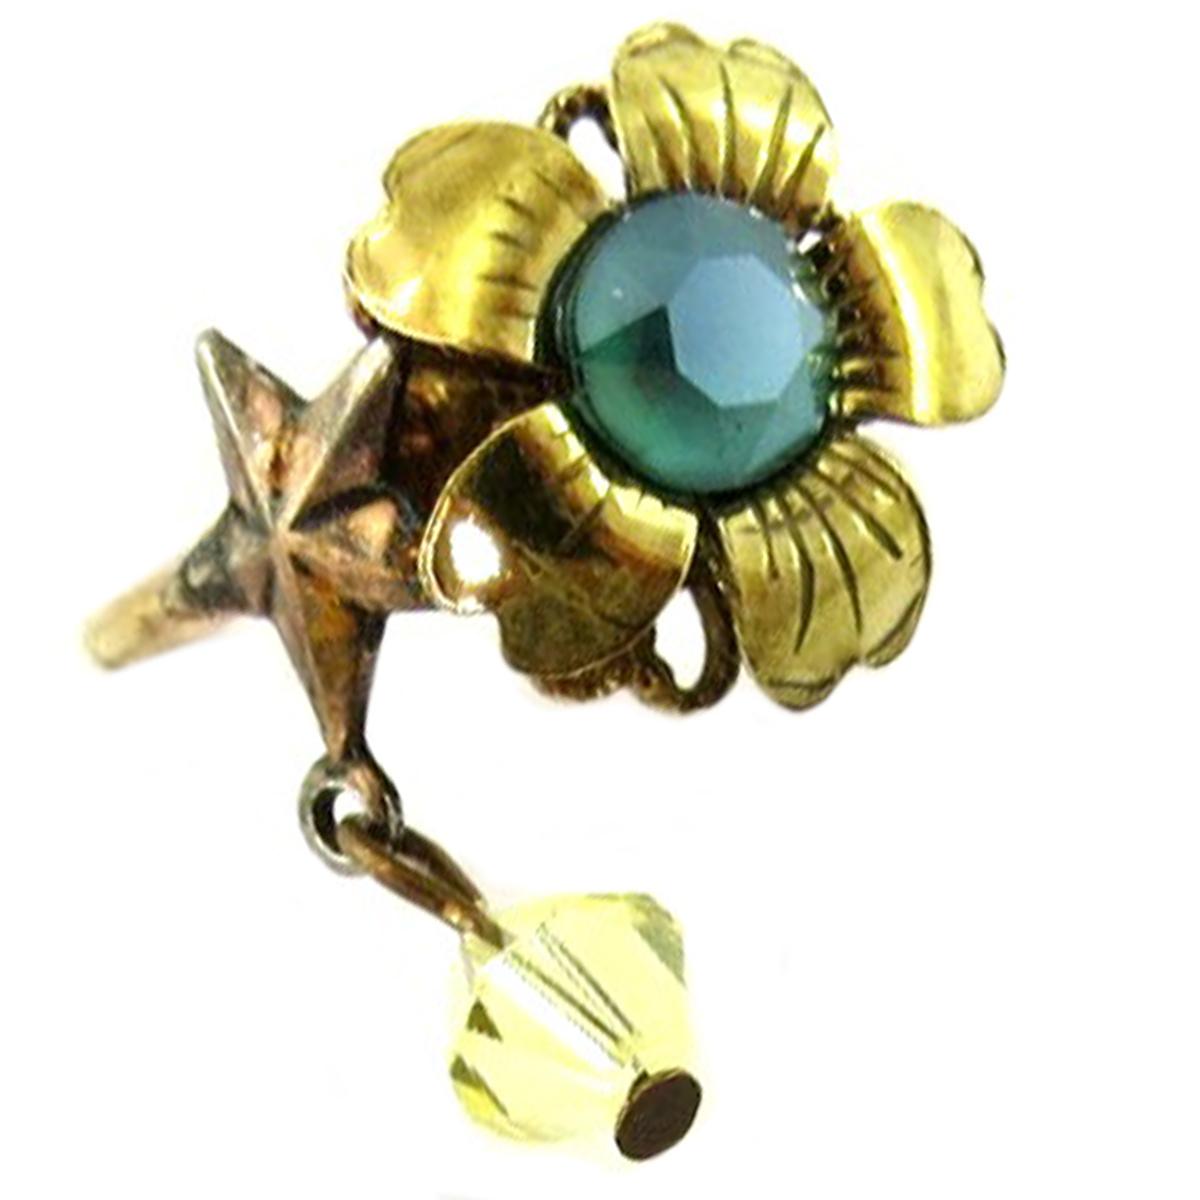 Bague artisanale \'Mythique Syracuse\' vert doré - 15 mm - [P9704]